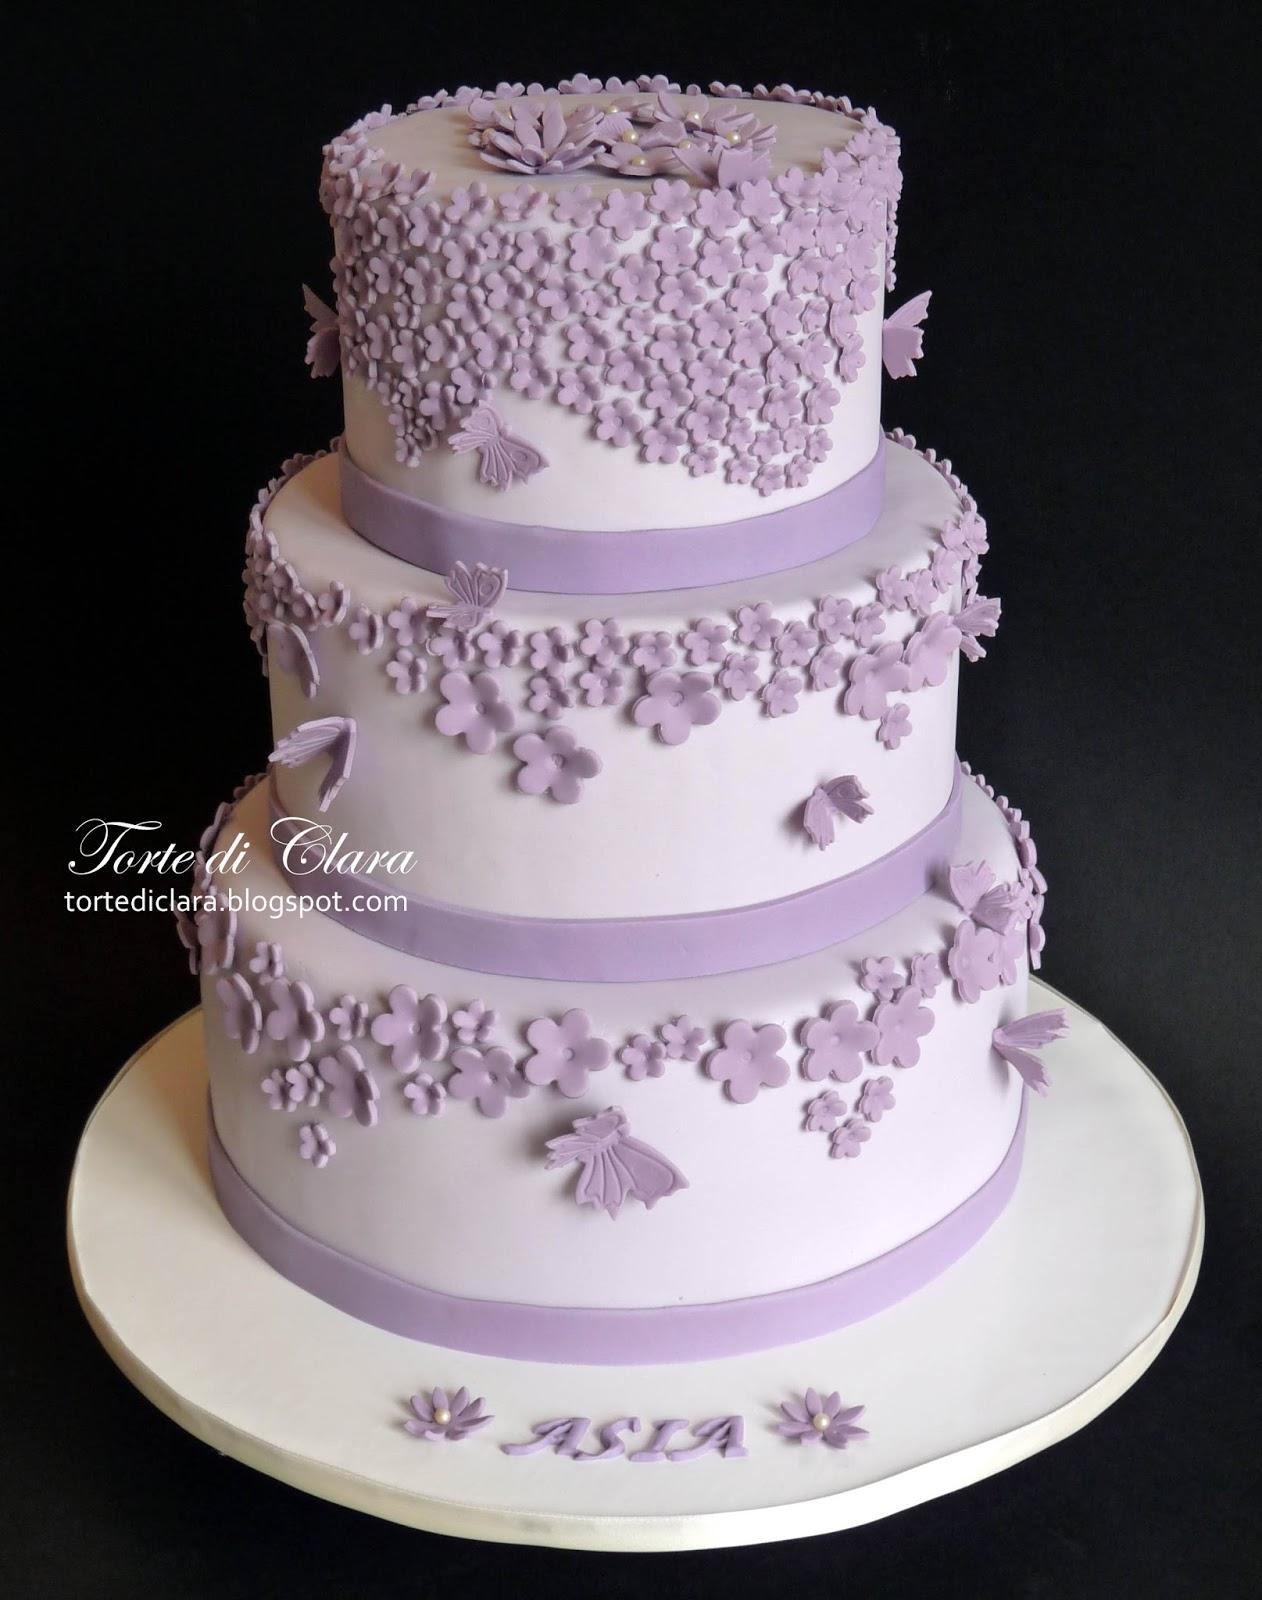 Cake Design Di Violetta : Torte di Clara